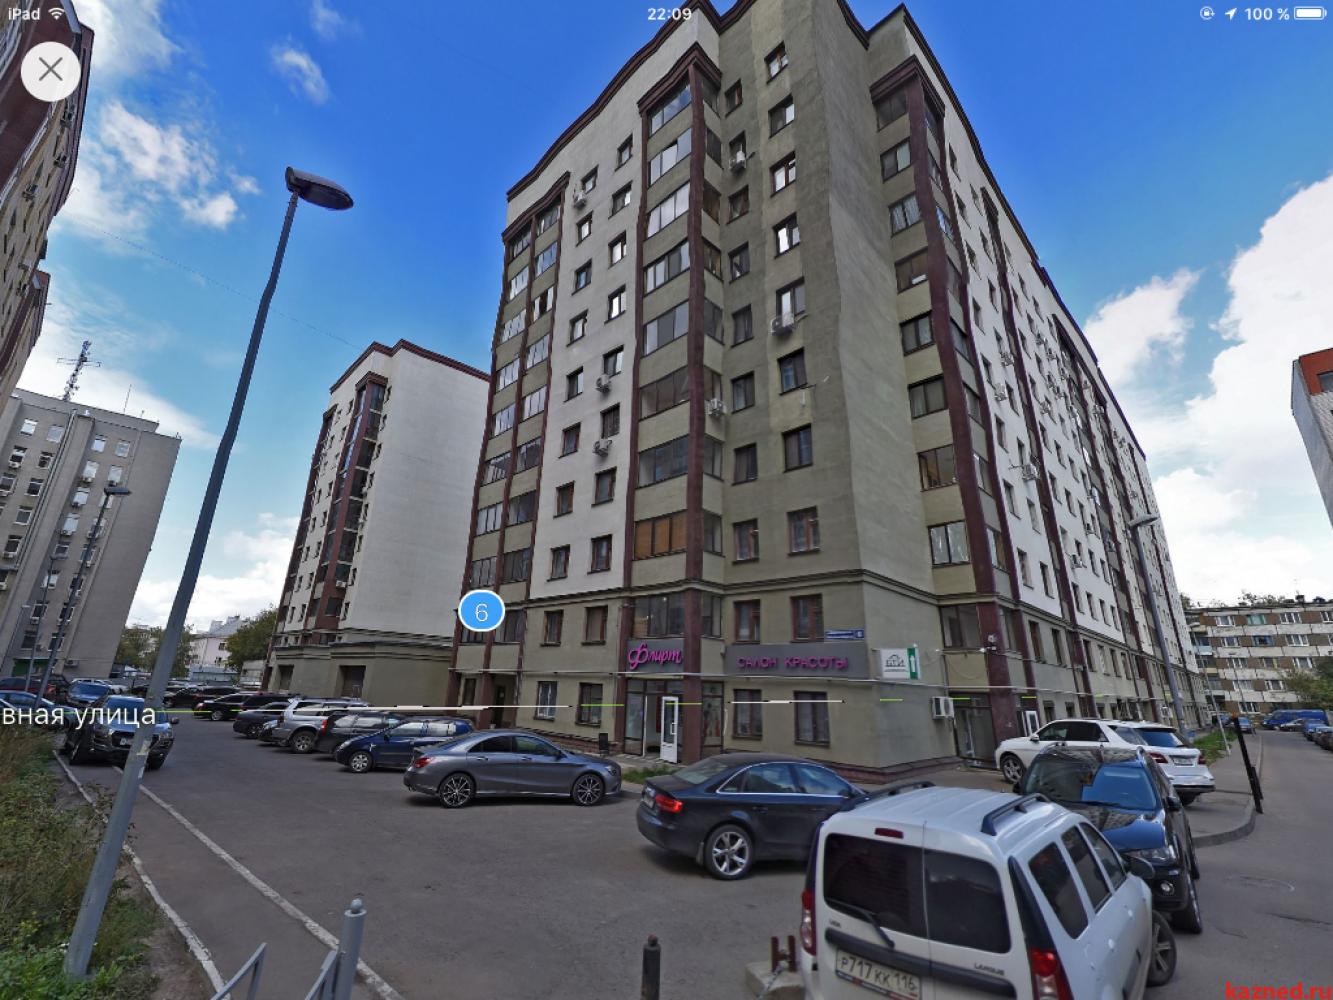 Продажа 1-к квартиры ул.Волочаевская д.6, 38 м²  (миниатюра №15)